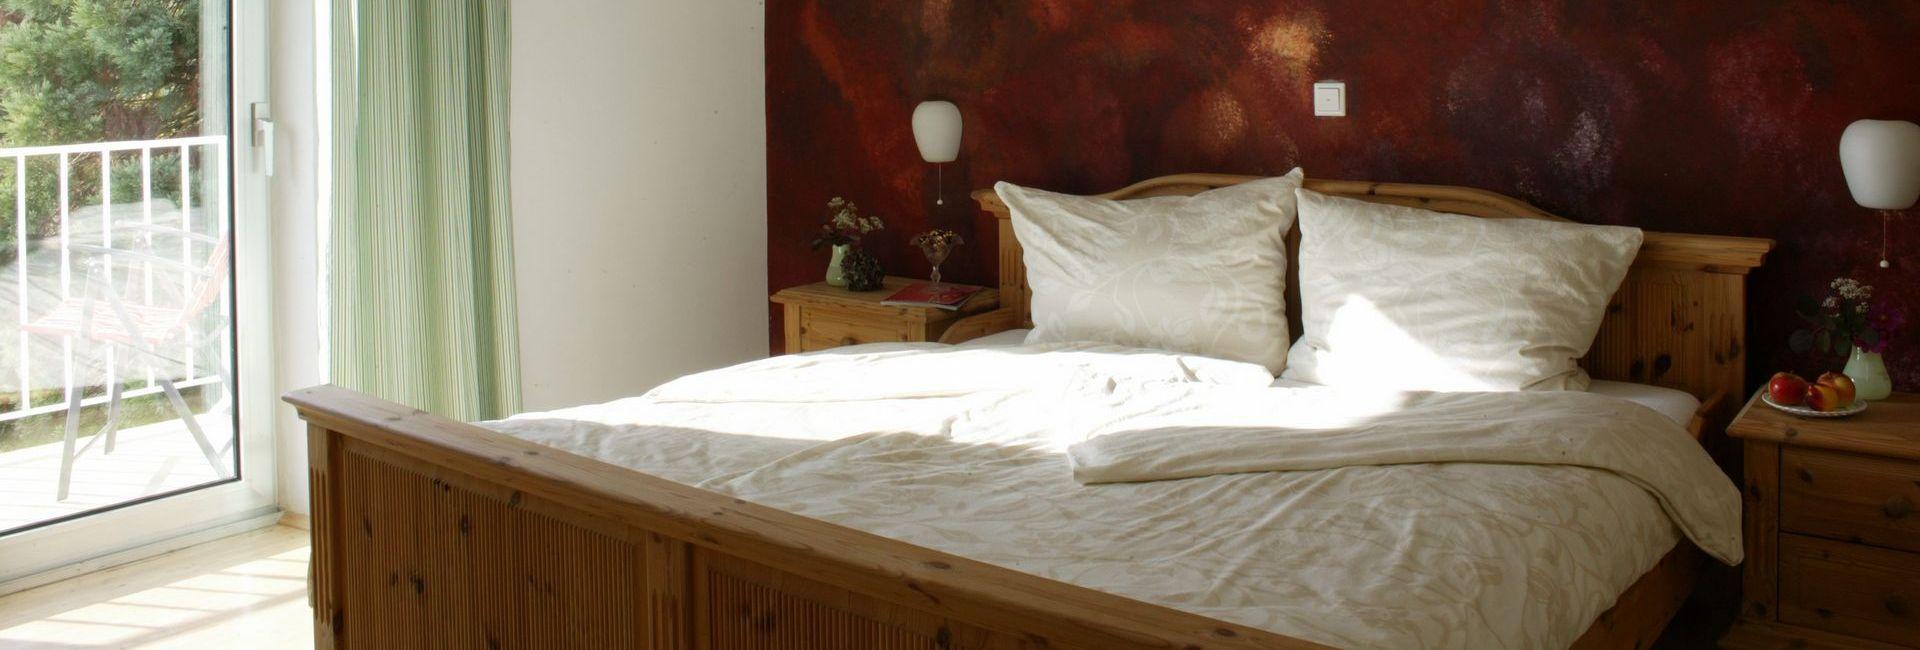 Zimmer 12 – Landhaus Pension Haus Sonneck